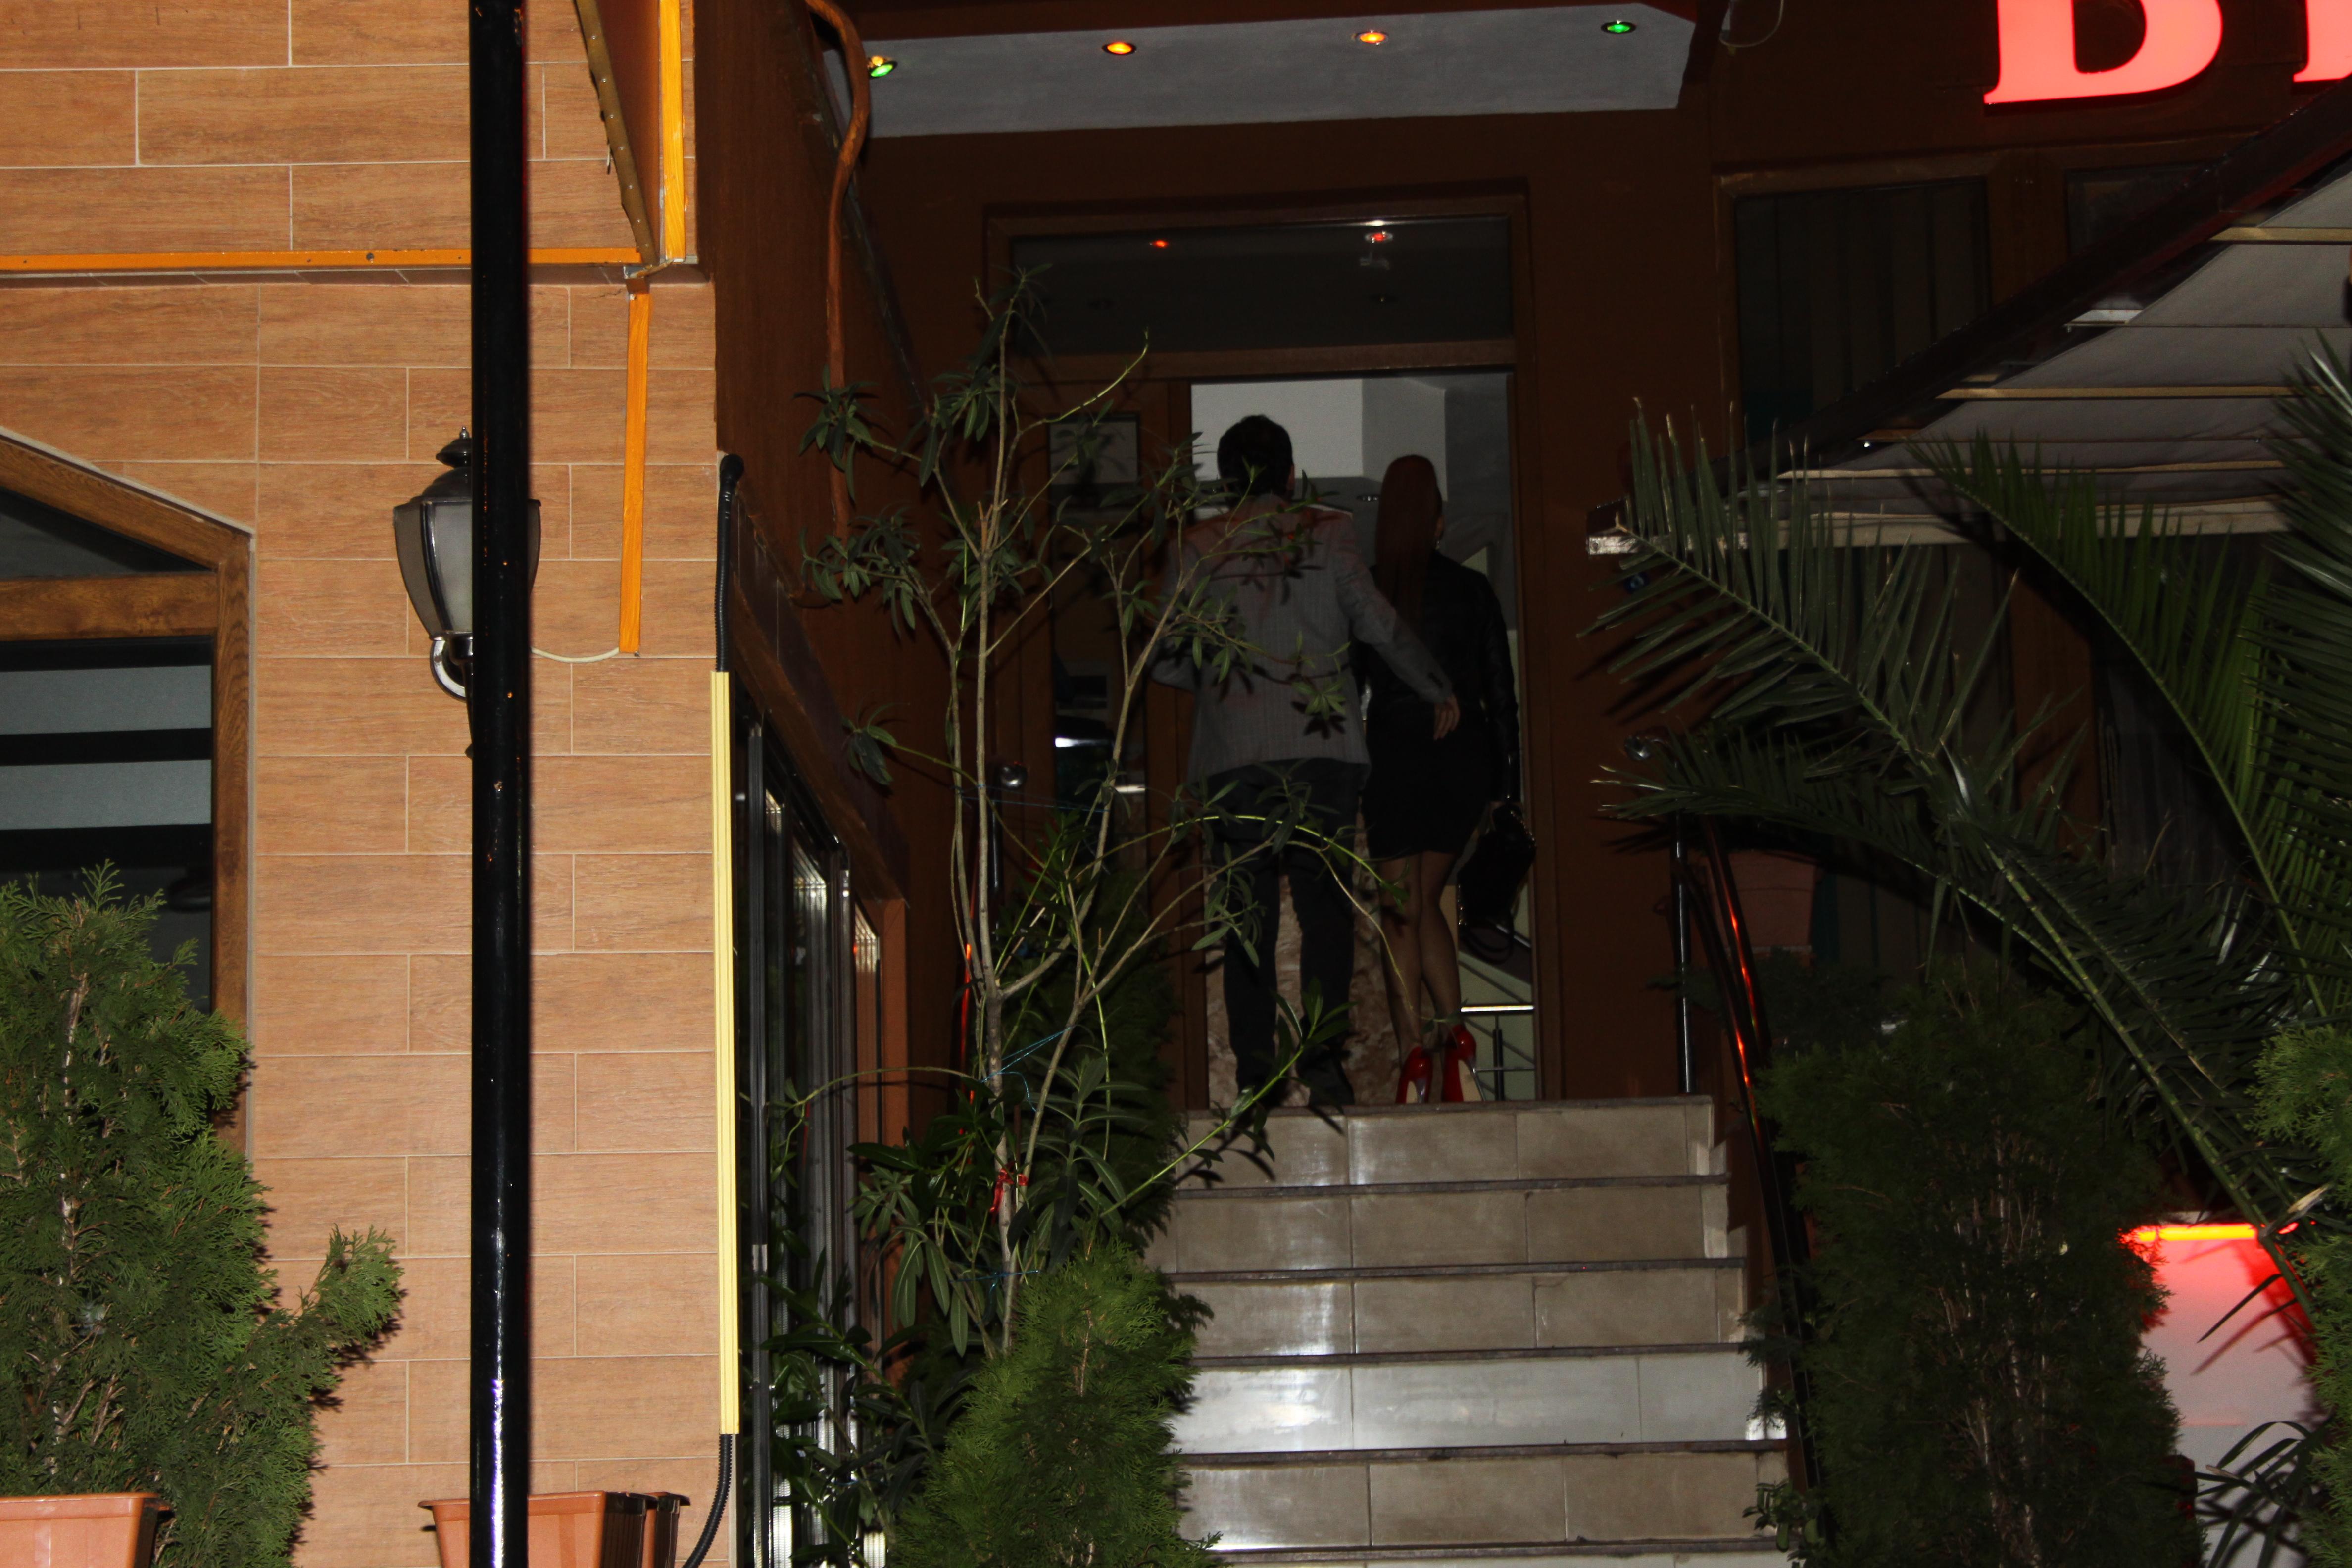 Cei doi au fost surprinsi, in miez de noapte, la intrarea intr-un hotel din Capitala